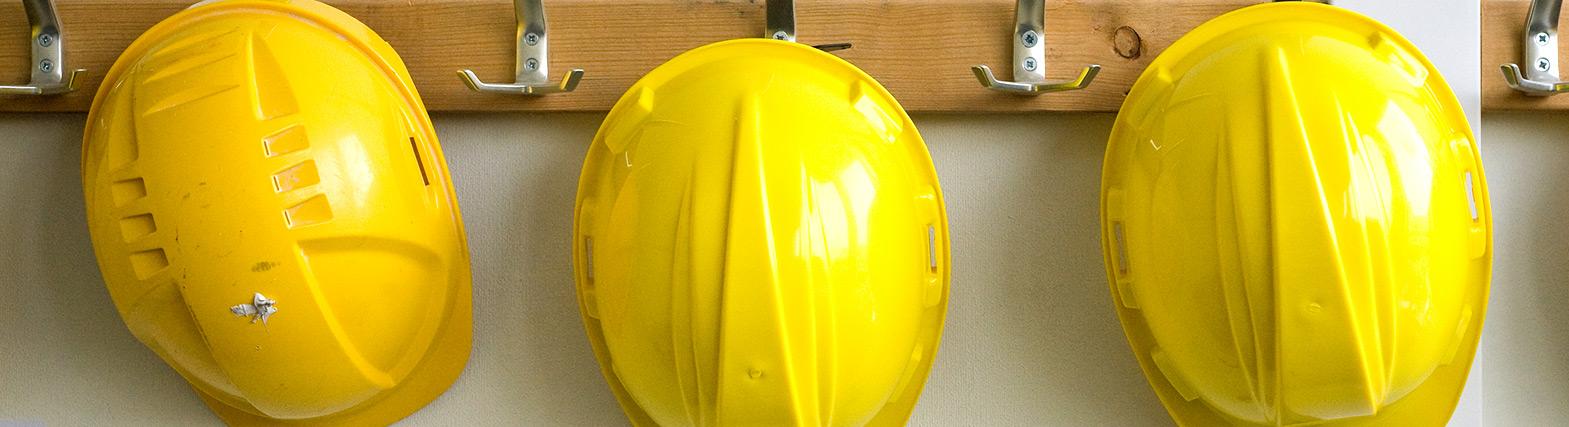 Formazione per addetto alla prevenzione incendi ed evacuazione in aziende a  rischio incendio alto